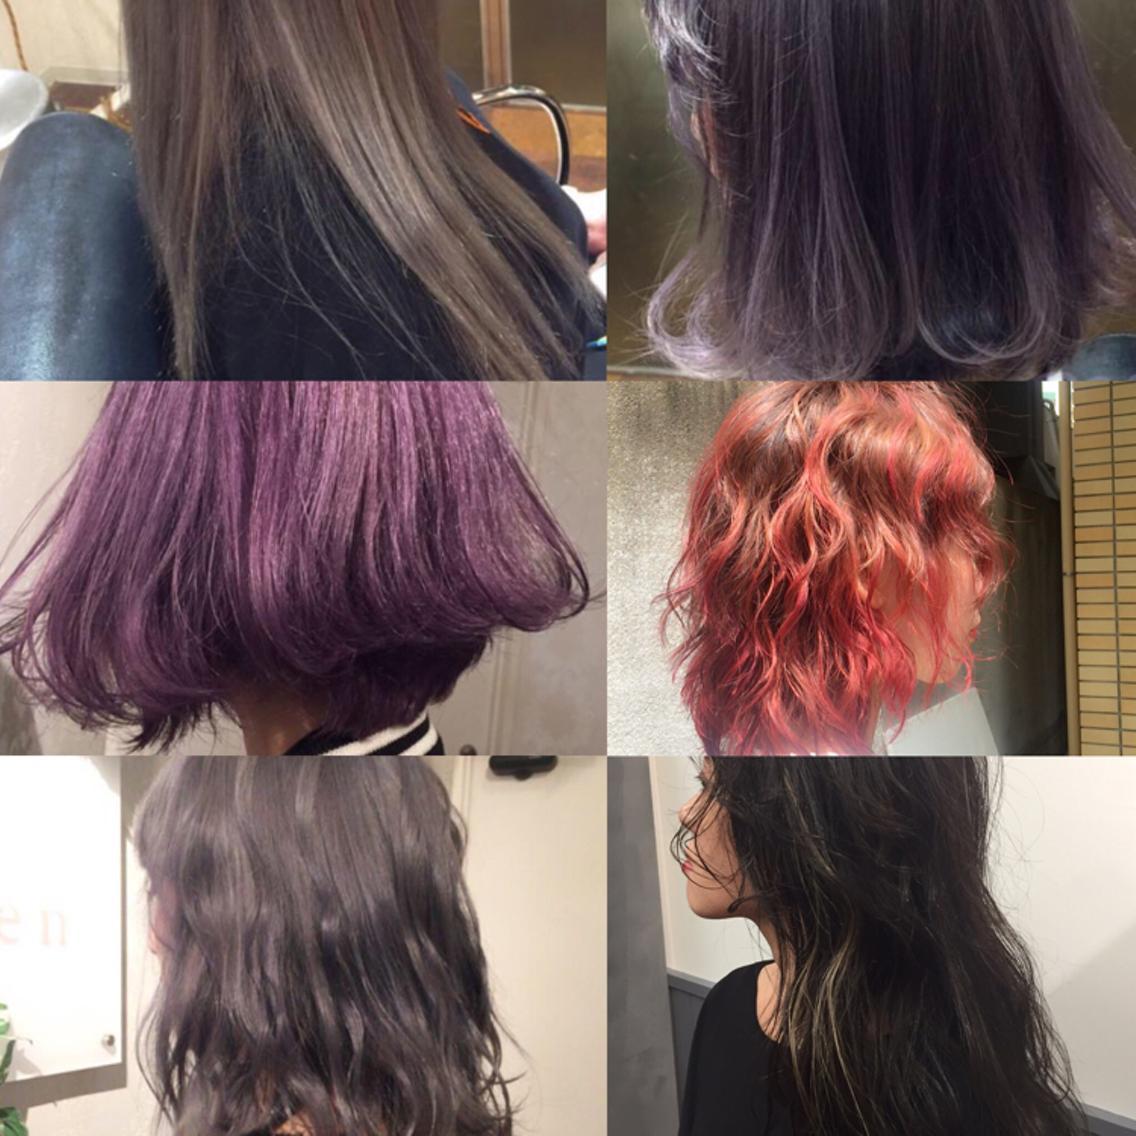 【minimo限定価格!kawaiiヘアーをinnocenthairで♡naturalなカラーもハイトーンもお任せください♡】